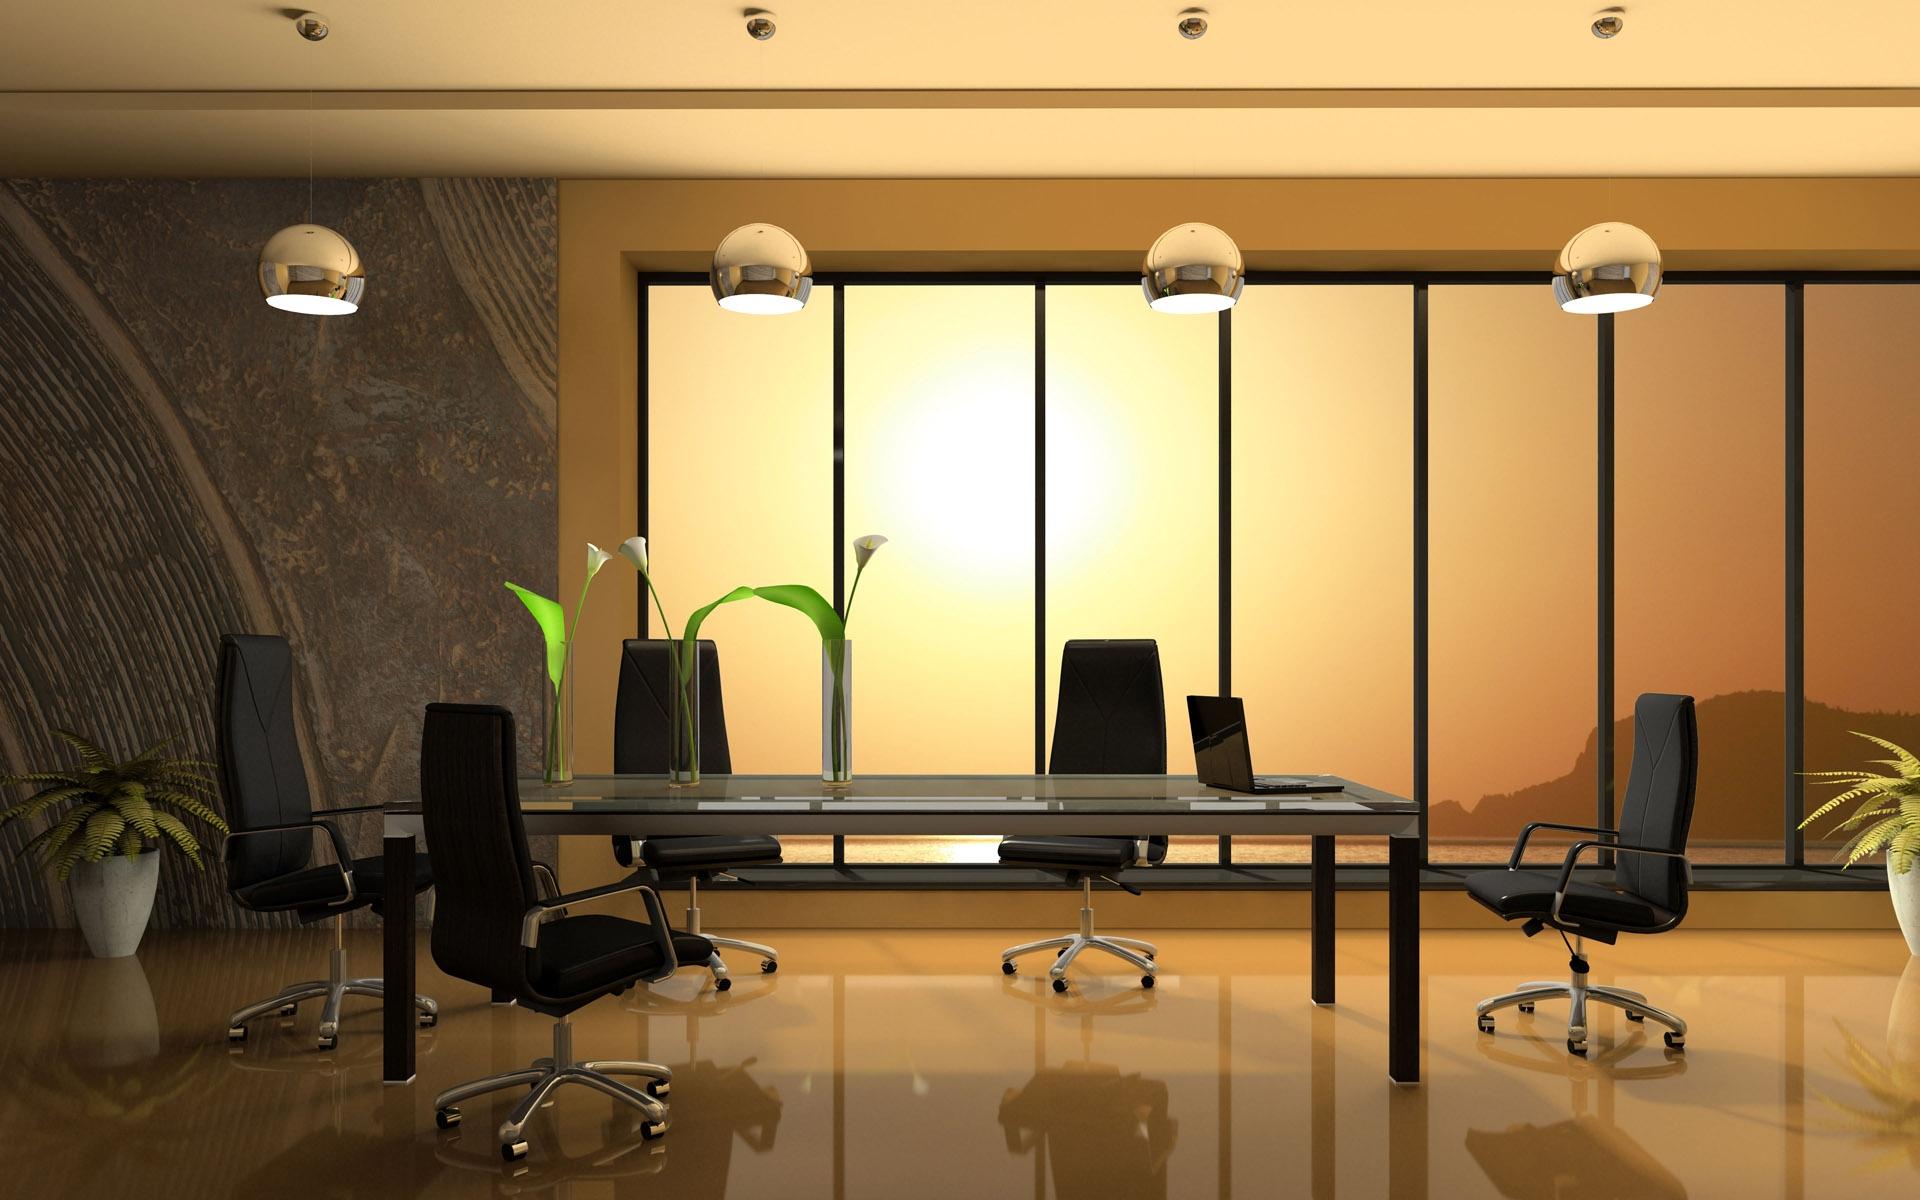 Fondos de pantalla habitaci n mesa vaso dise o de for Diseno de iluminacion de interiores